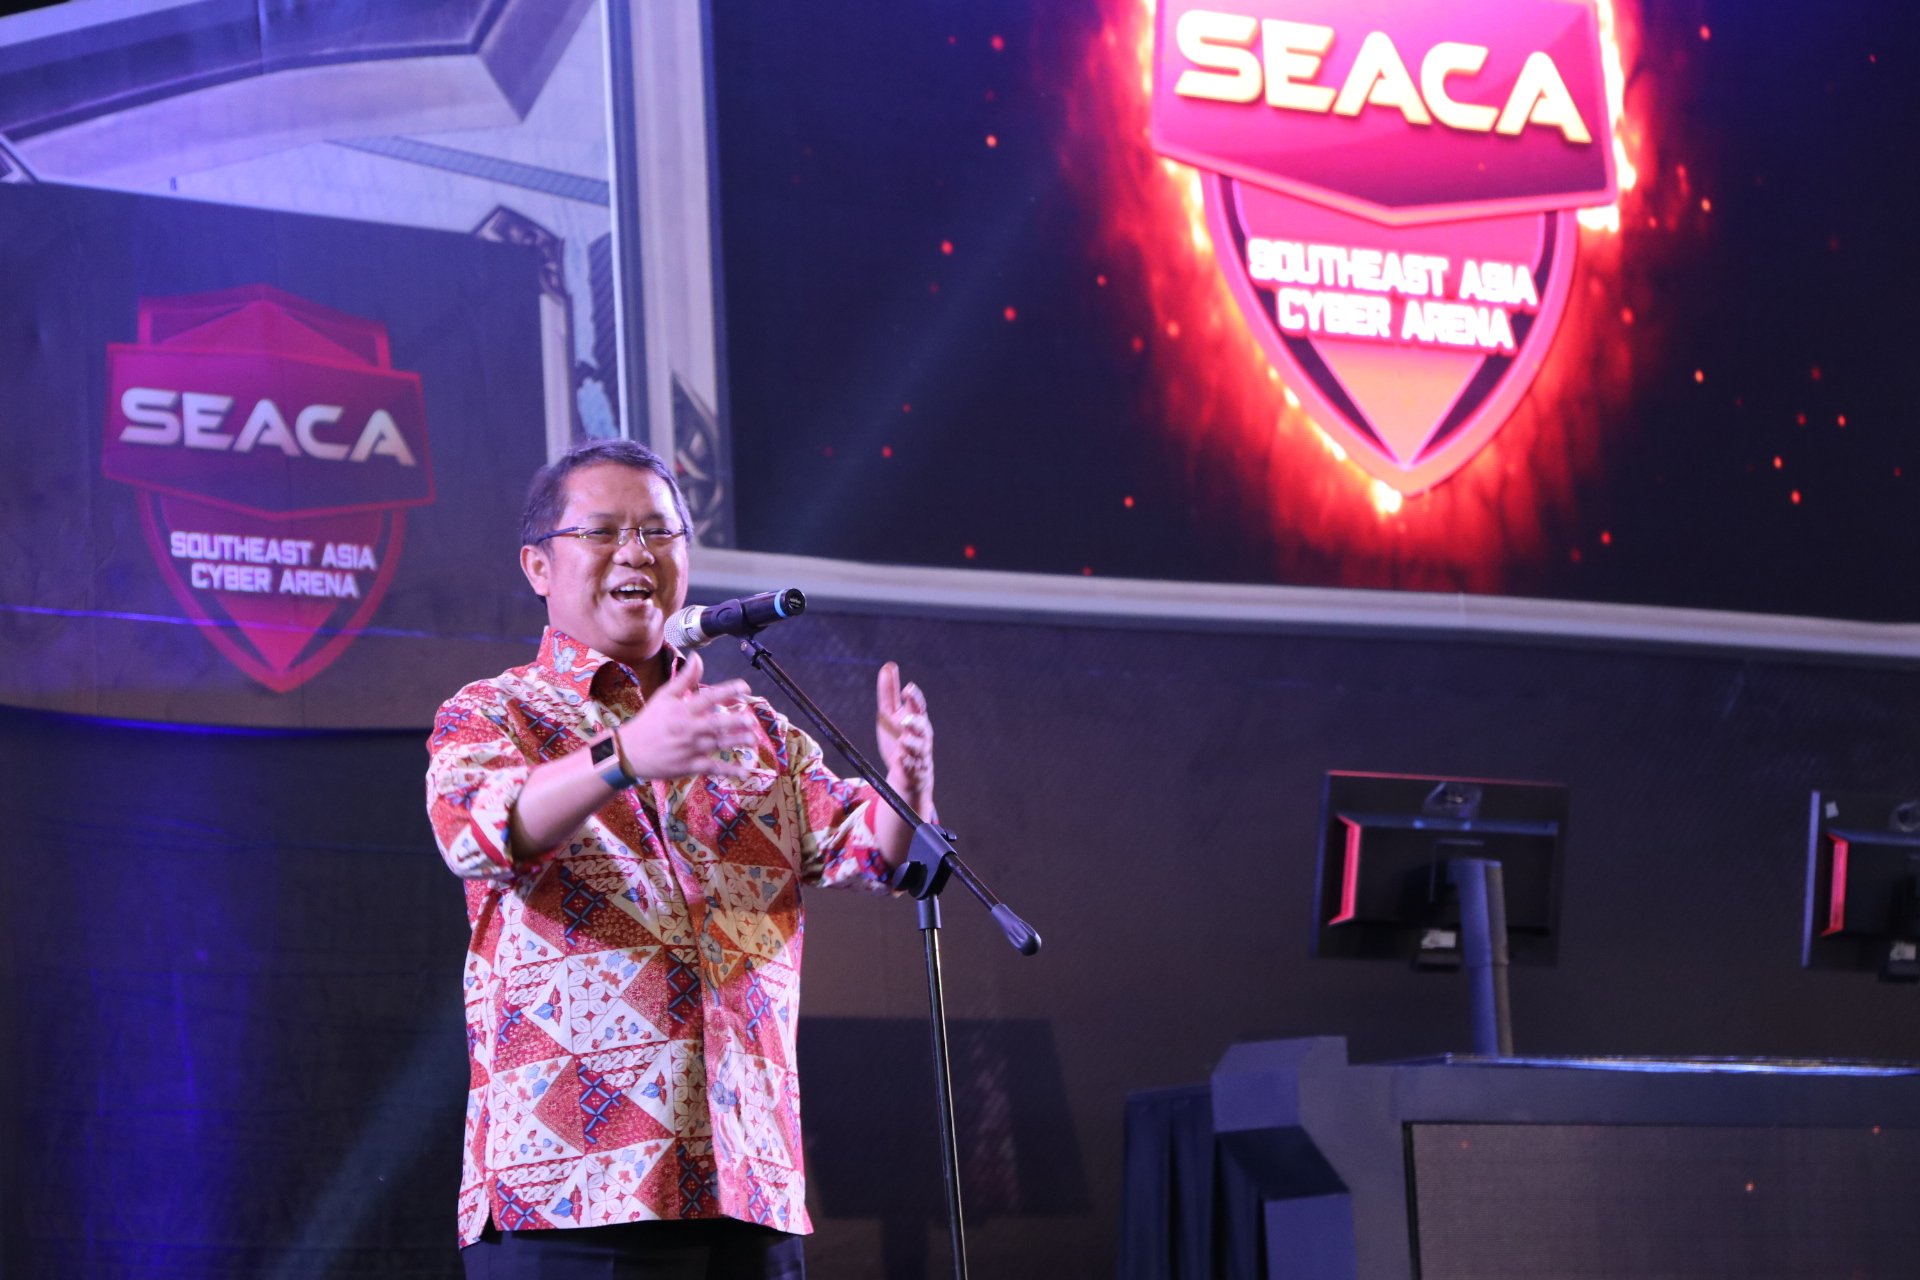 Menkominfo Berharap Turnamen SEACA Lahirkan Atlet ESports Baru